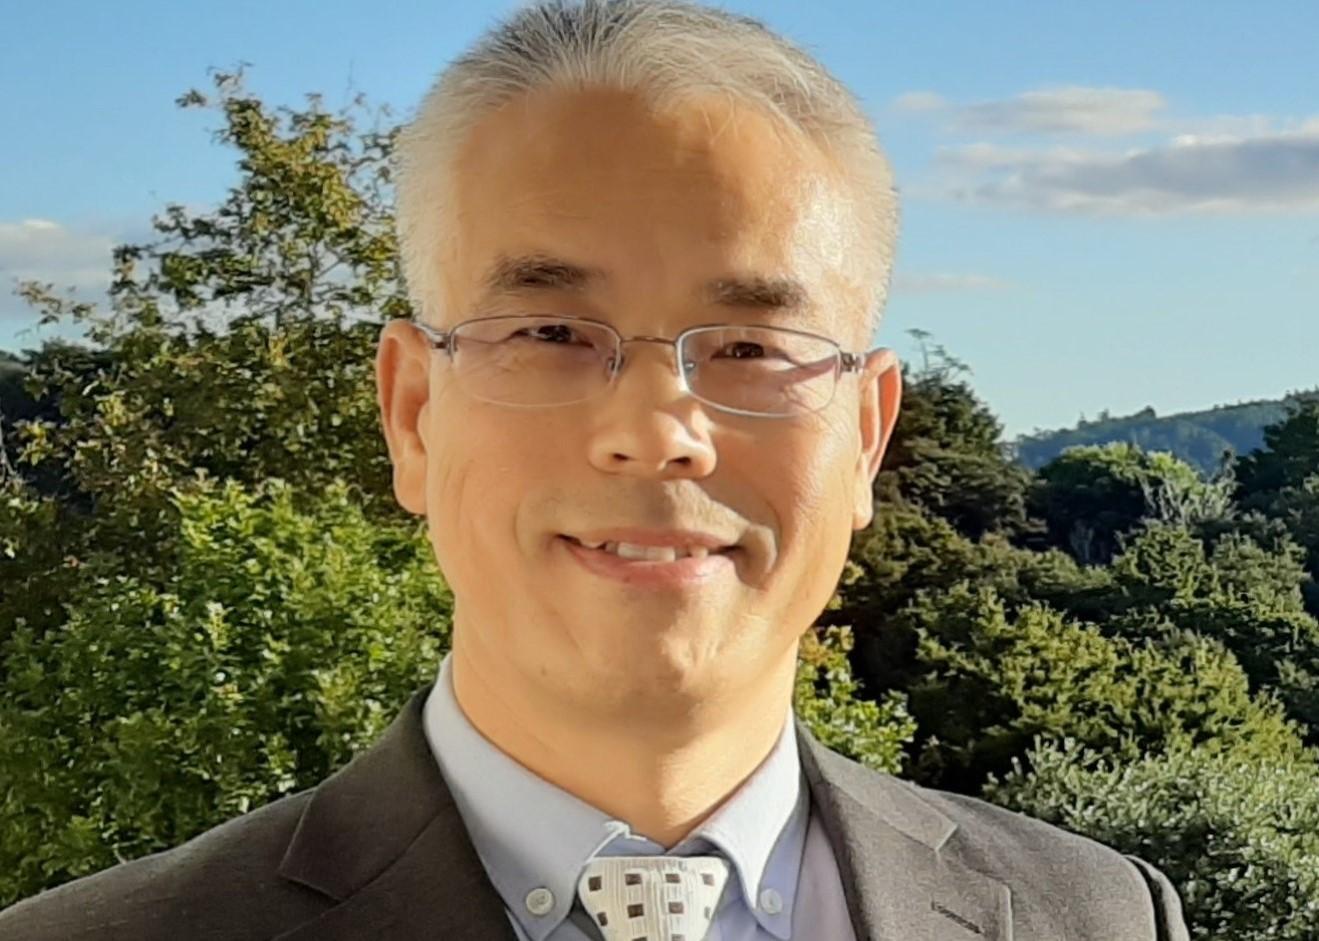 Jaeho Choi, Financial Adviser